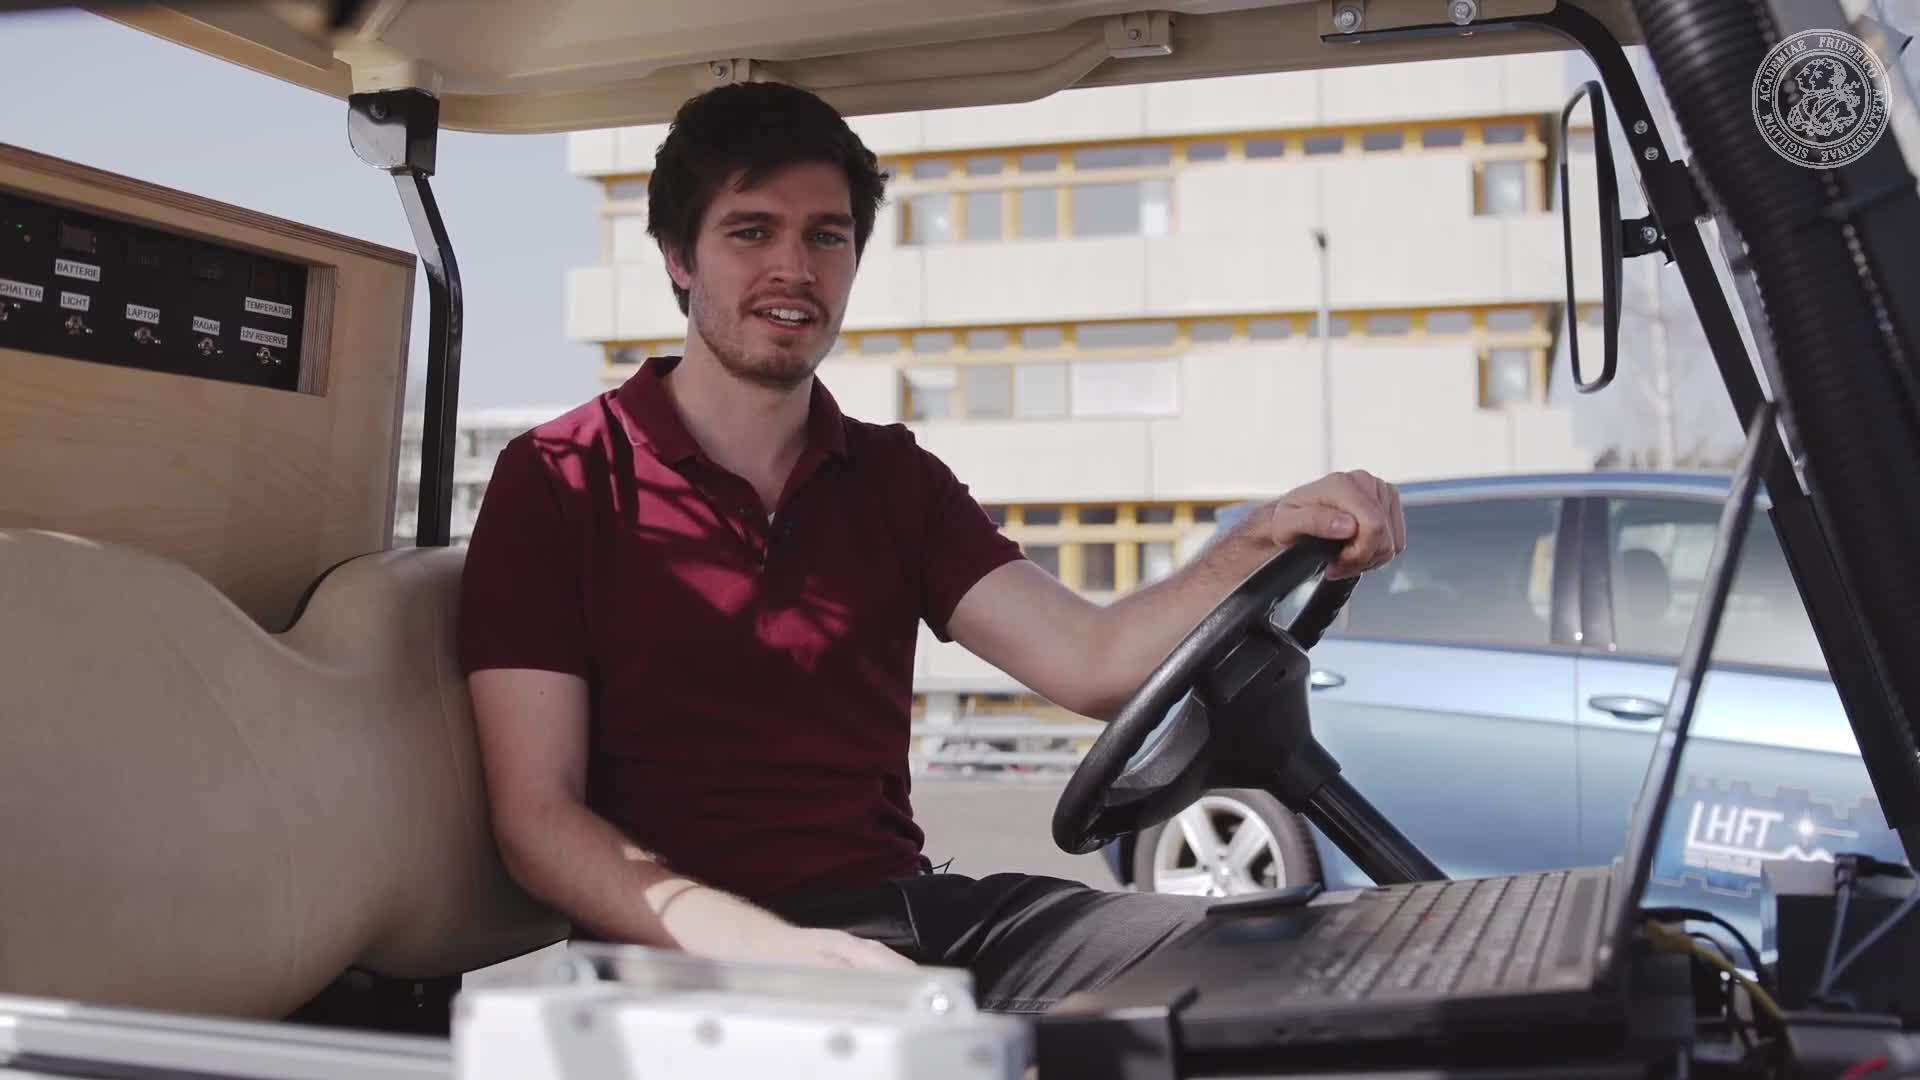 2 Minuten Wissen - Radarauto preview image